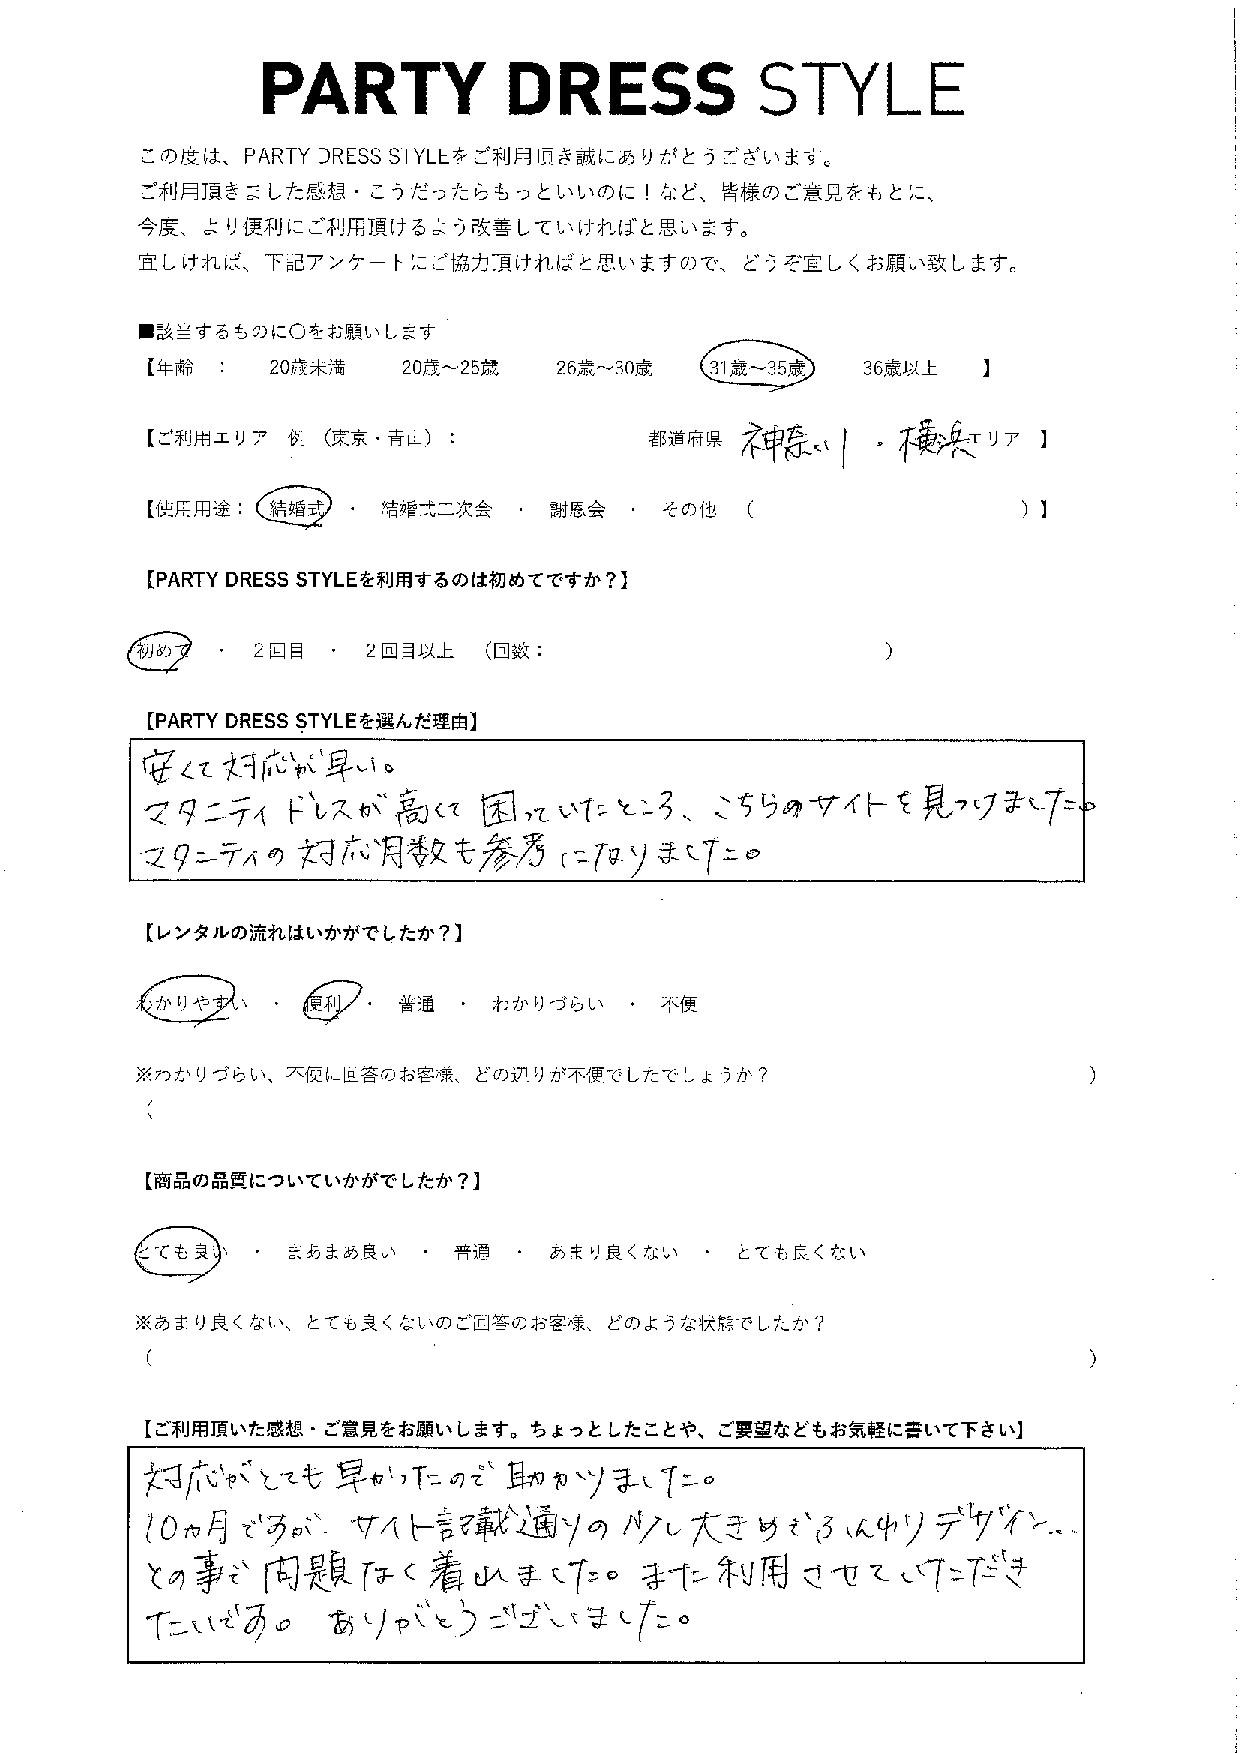 11/10結婚式ご利用 神奈川・横浜エリア